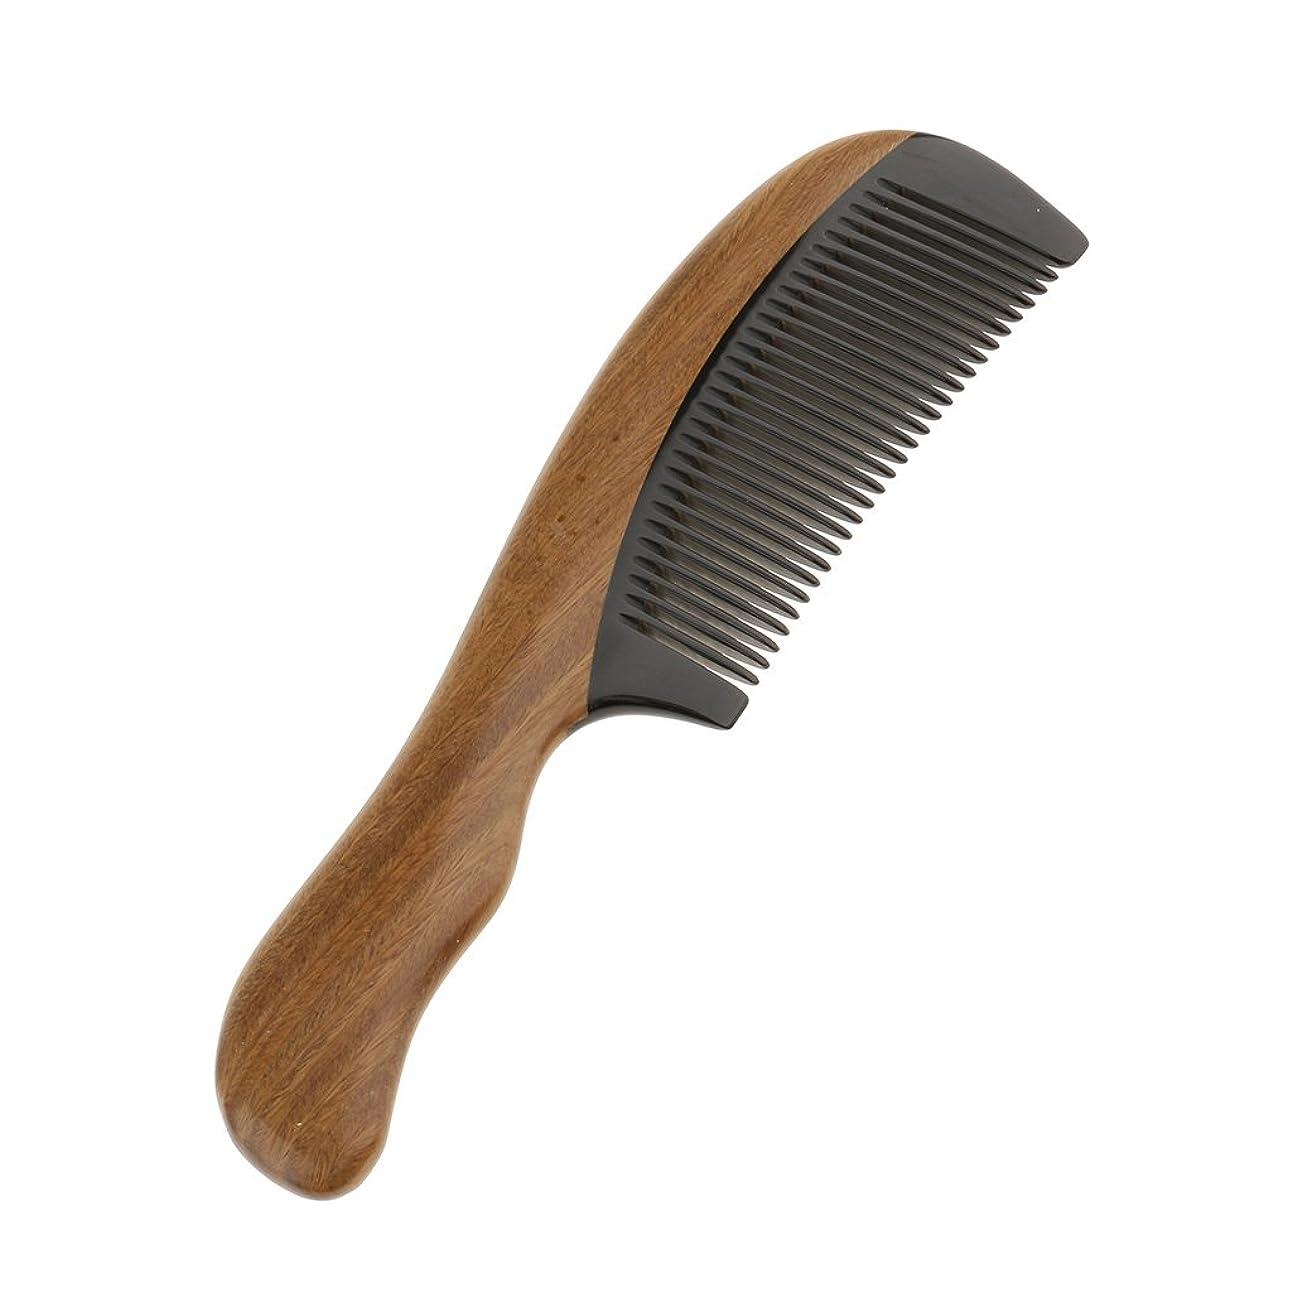 できない改修する賞Perfk 木製 櫛 ヘアケア マッサージ コーム ウッド ポケット ヘアブラシ 高品質